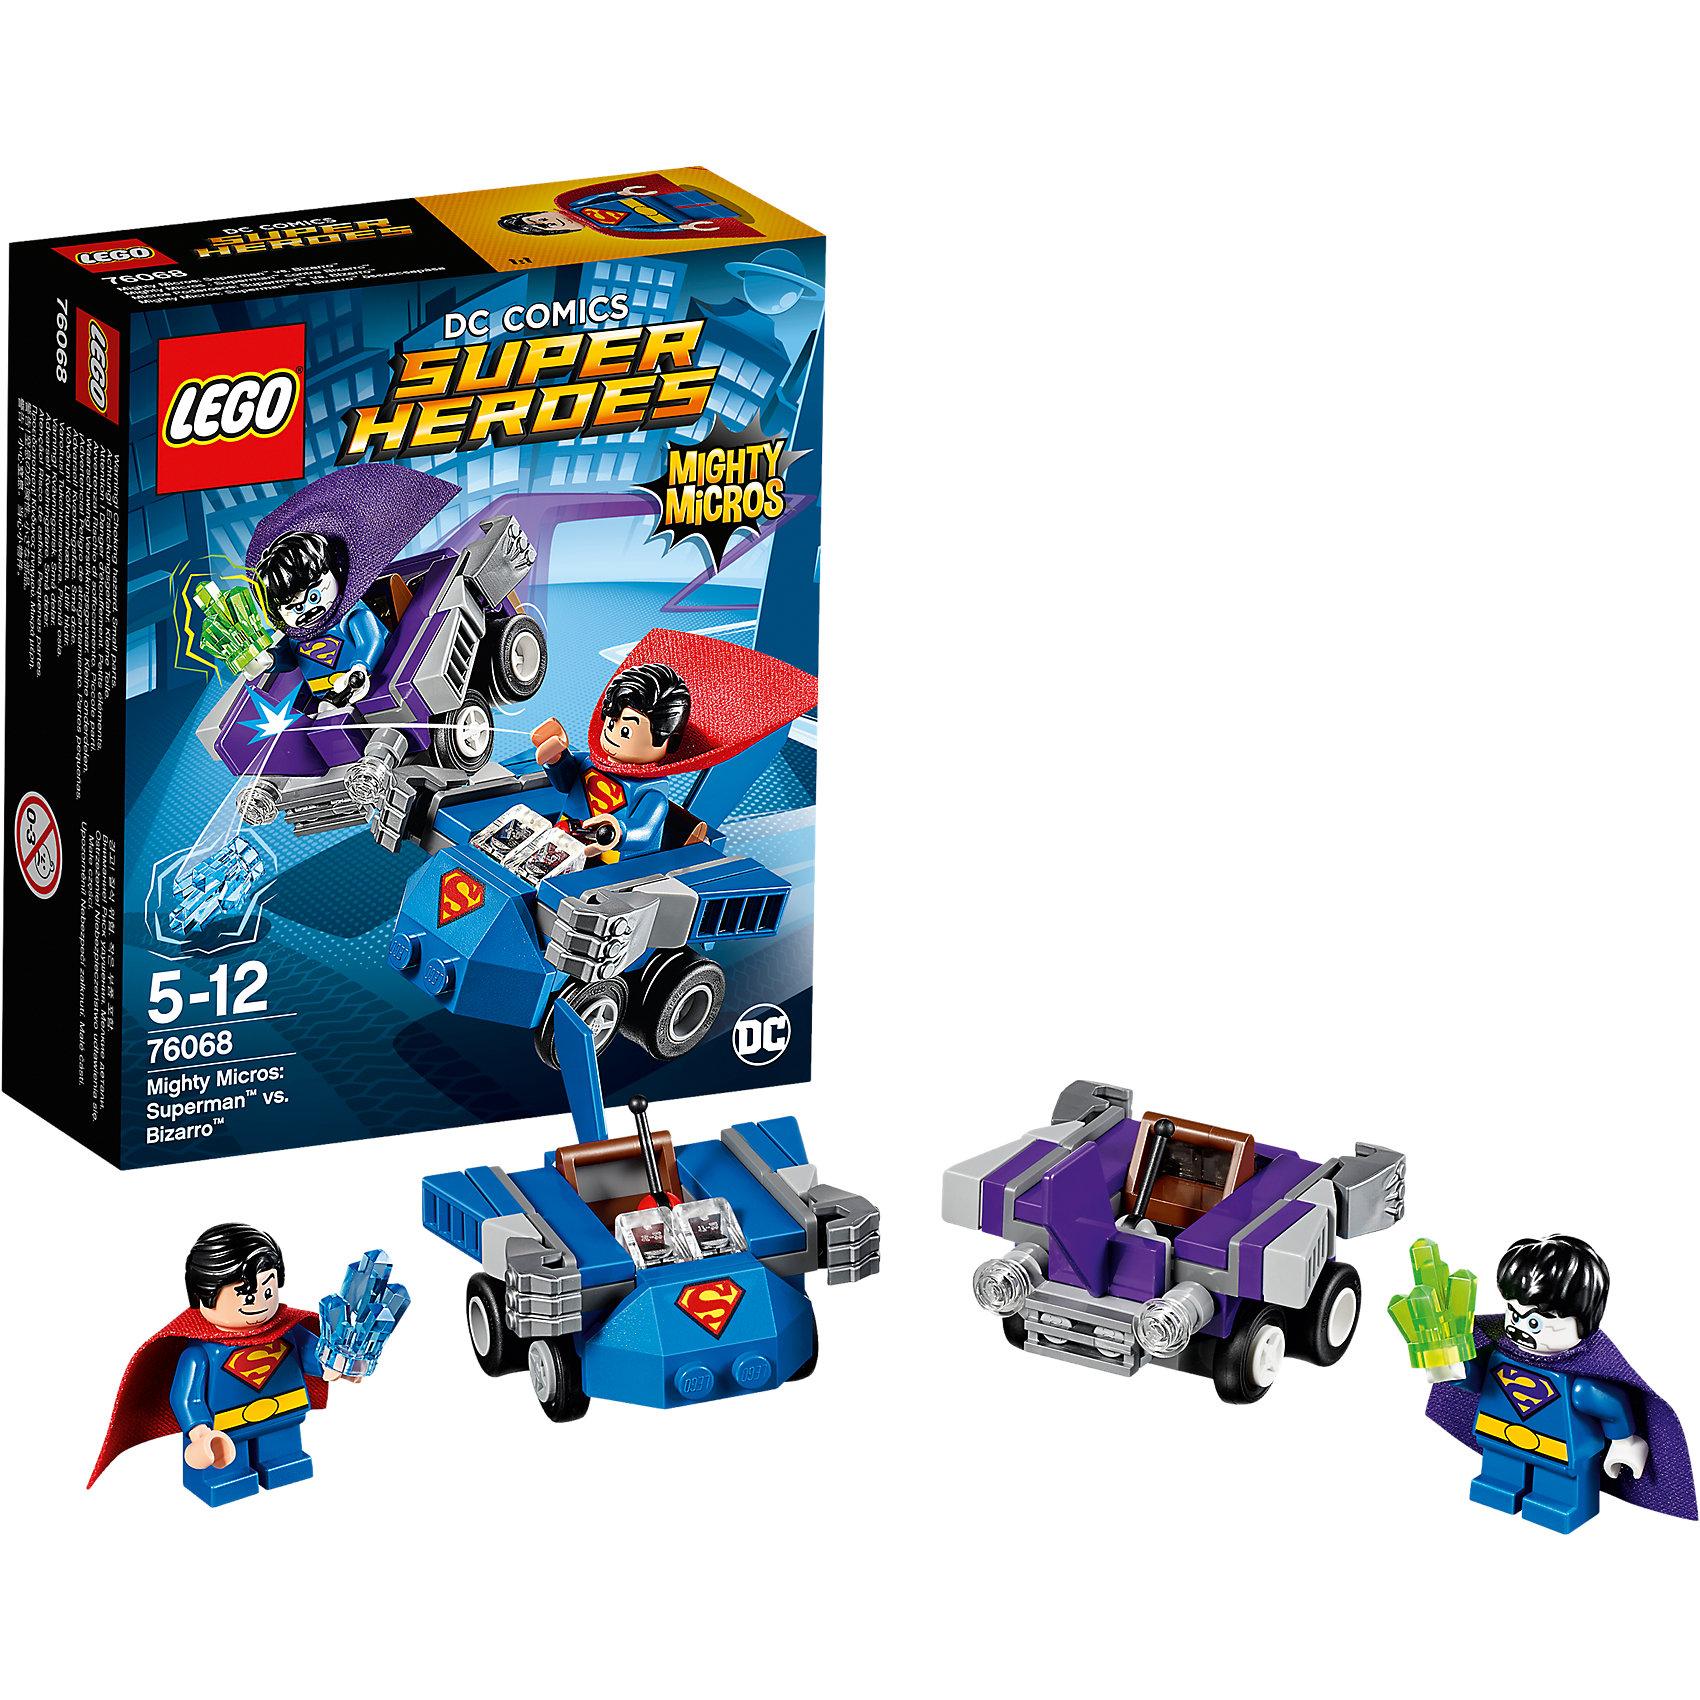 LEGO Super Heroes 76068: Mighty Micros: Супермен против БизарроLEGO Super Heroes 76068: Mighty Micros: Супермен против Бизарро<br><br>Характеристики:<br><br>- в набор входит: детали двух транспортных средств, 2 минифигурки; аксессуары; инструкция по сборке<br>- минифигурки набора: Супермен, Бизарро<br>- состав: пластик<br>- количество деталей: 93 <br>- размер машины Супермена: 6 * 4 * 5 см.<br>- размер машины Бизарро: 6 * 4 * 5 см.<br>- для детей в возрасте: от 5 до 12 лет<br>- Страна производитель: Дания/Китай/Чехия<br><br>Легендарный конструктор LEGO (ЛЕГО) представляет серию «Super Heroes» (Супер герои) по сюжетам фильмов и мультфильмов о супергероях. <br><br>Этот набор понравится любителям комиксов DC, мультфильмов и фильмов о Бэтмене. Фигурки набора выглядят ярко, очень качественно проработаны, в их разработке были использованы уникальные детали не встречающиеся в других наборах. В своем противостоянии соперники сели за руль машин, создав невероятные сцены погони и битвы. <br><br>Супермен сел за штурвал своей скоростной машины синего цвета с эмблемой супермена. Его машина оснащена рычагом управления и двумя мощными кулаками справедливости. Злодей Бизарро сел за руль фиолетовой машины, не уступающей по мощи машине Супермена. На машине злодея тоже установлены два кулака, кроме того, злодей взял с собой камень криптонит. Как Супермен выкрутится из этой переделки? Помоги ему одержать верх над Бизарро! <br><br>Играя с конструктором ребенок развивает моторику рук, воображение и логическое мышление, научится собирать по инструкции и создавать свои модели. Придумывайте новые истории любимых героев с набором LEGO «Super Heroes»!<br><br>Конструктор LEGO Super Heroes 76068: Mighty Micros: Супермен против Бизарро можно купить в нашем интернет-магазине.<br><br>Ширина мм: 143<br>Глубина мм: 122<br>Высота мм: 50<br>Вес г: 92<br>Возраст от месяцев: 60<br>Возраст до месяцев: 144<br>Пол: Мужской<br>Возраст: Детский<br>SKU: 5002444